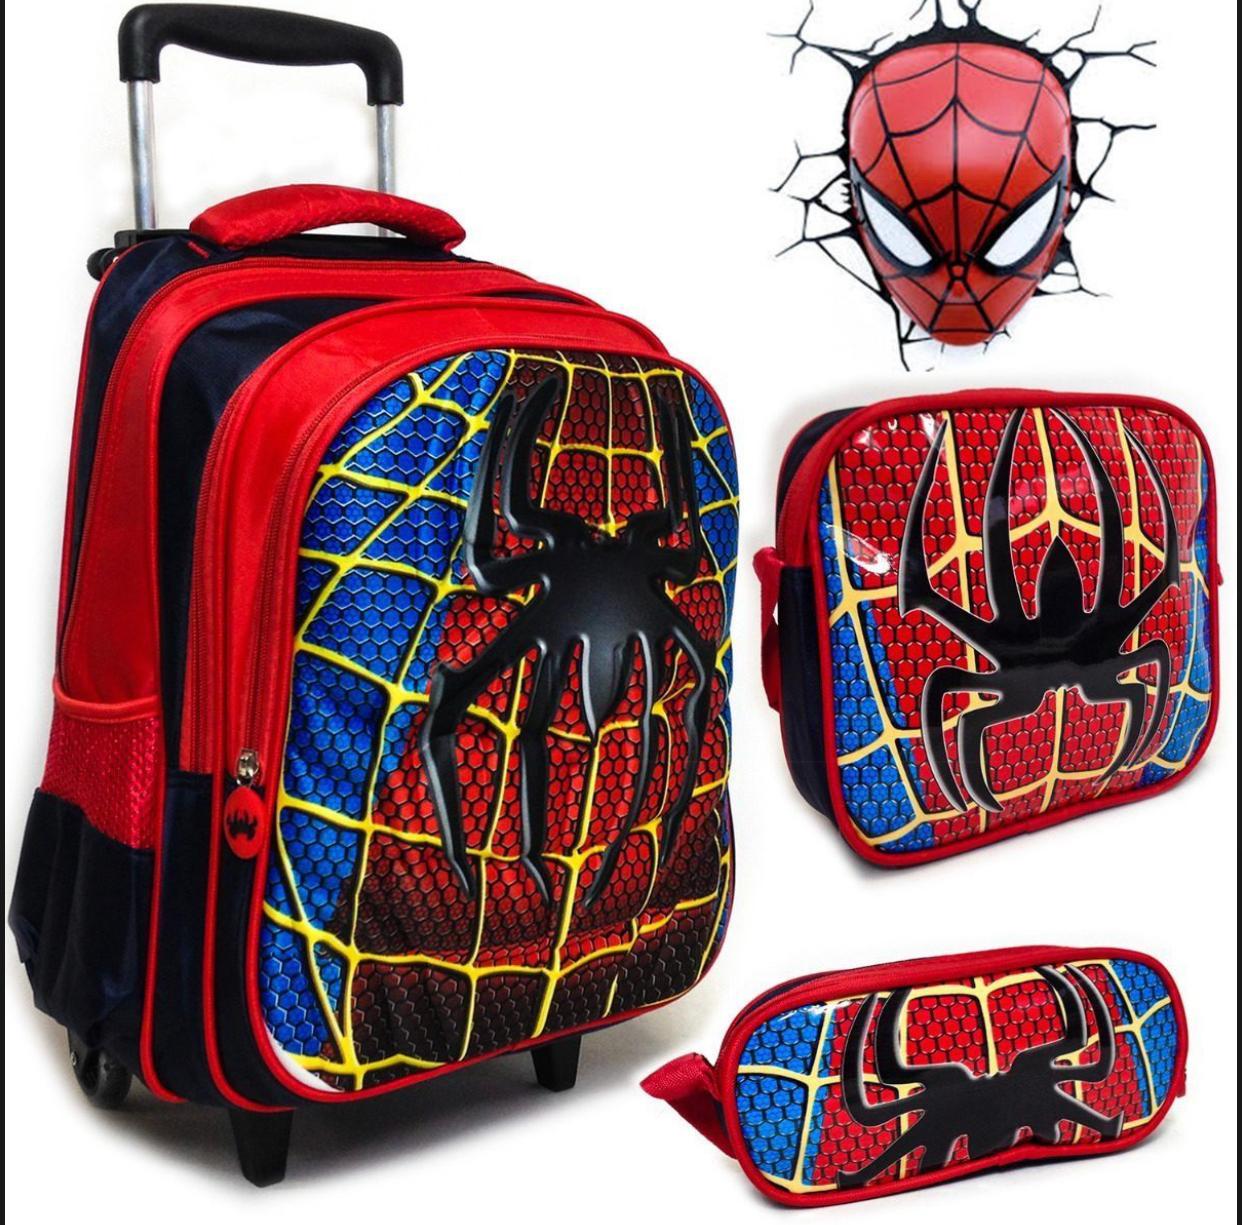 Mochila de Rodinhas Homem Aranha com Lancheira e Estojo